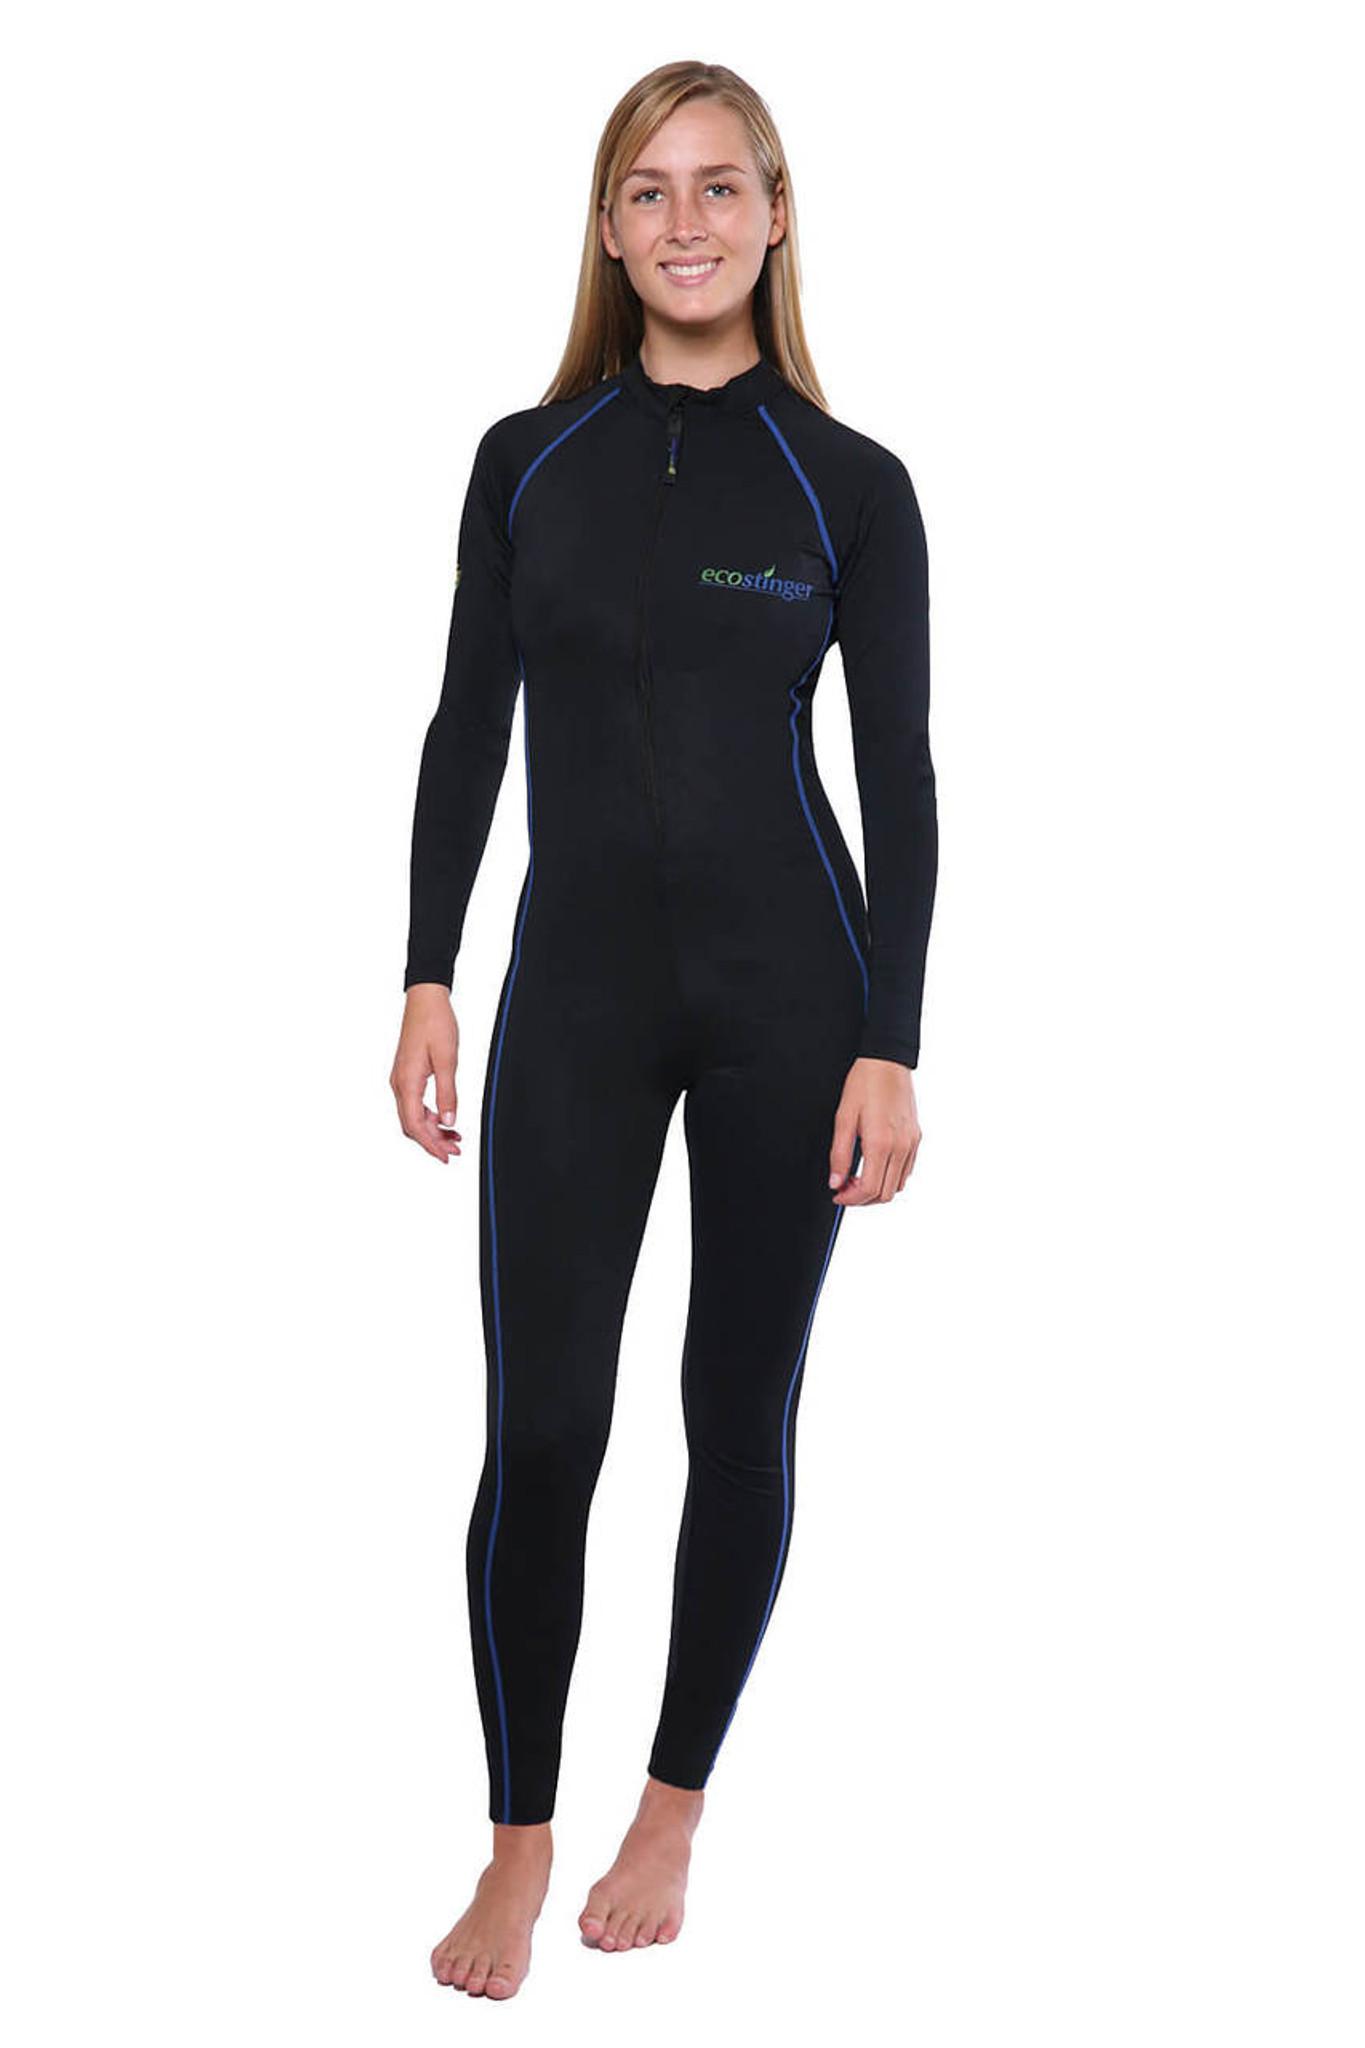 Women Full Bodysuit Swimwear UV Protection UPF50+ Black ...